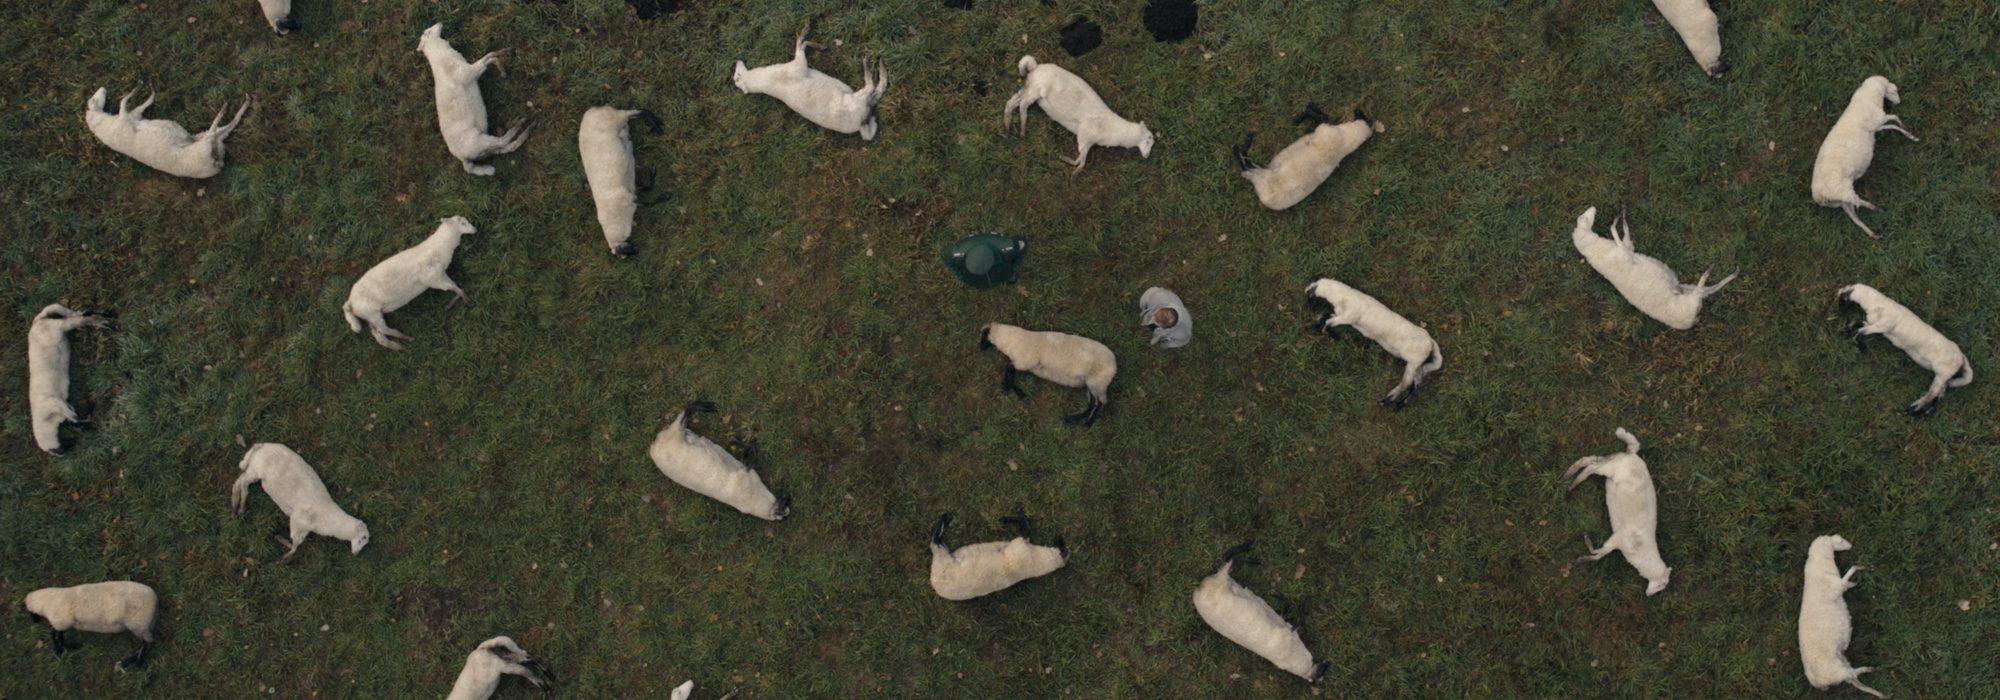 Crítica de 'Dark': Este crimen nórdico con dosis de ciencia ficción huele a drama de enredo